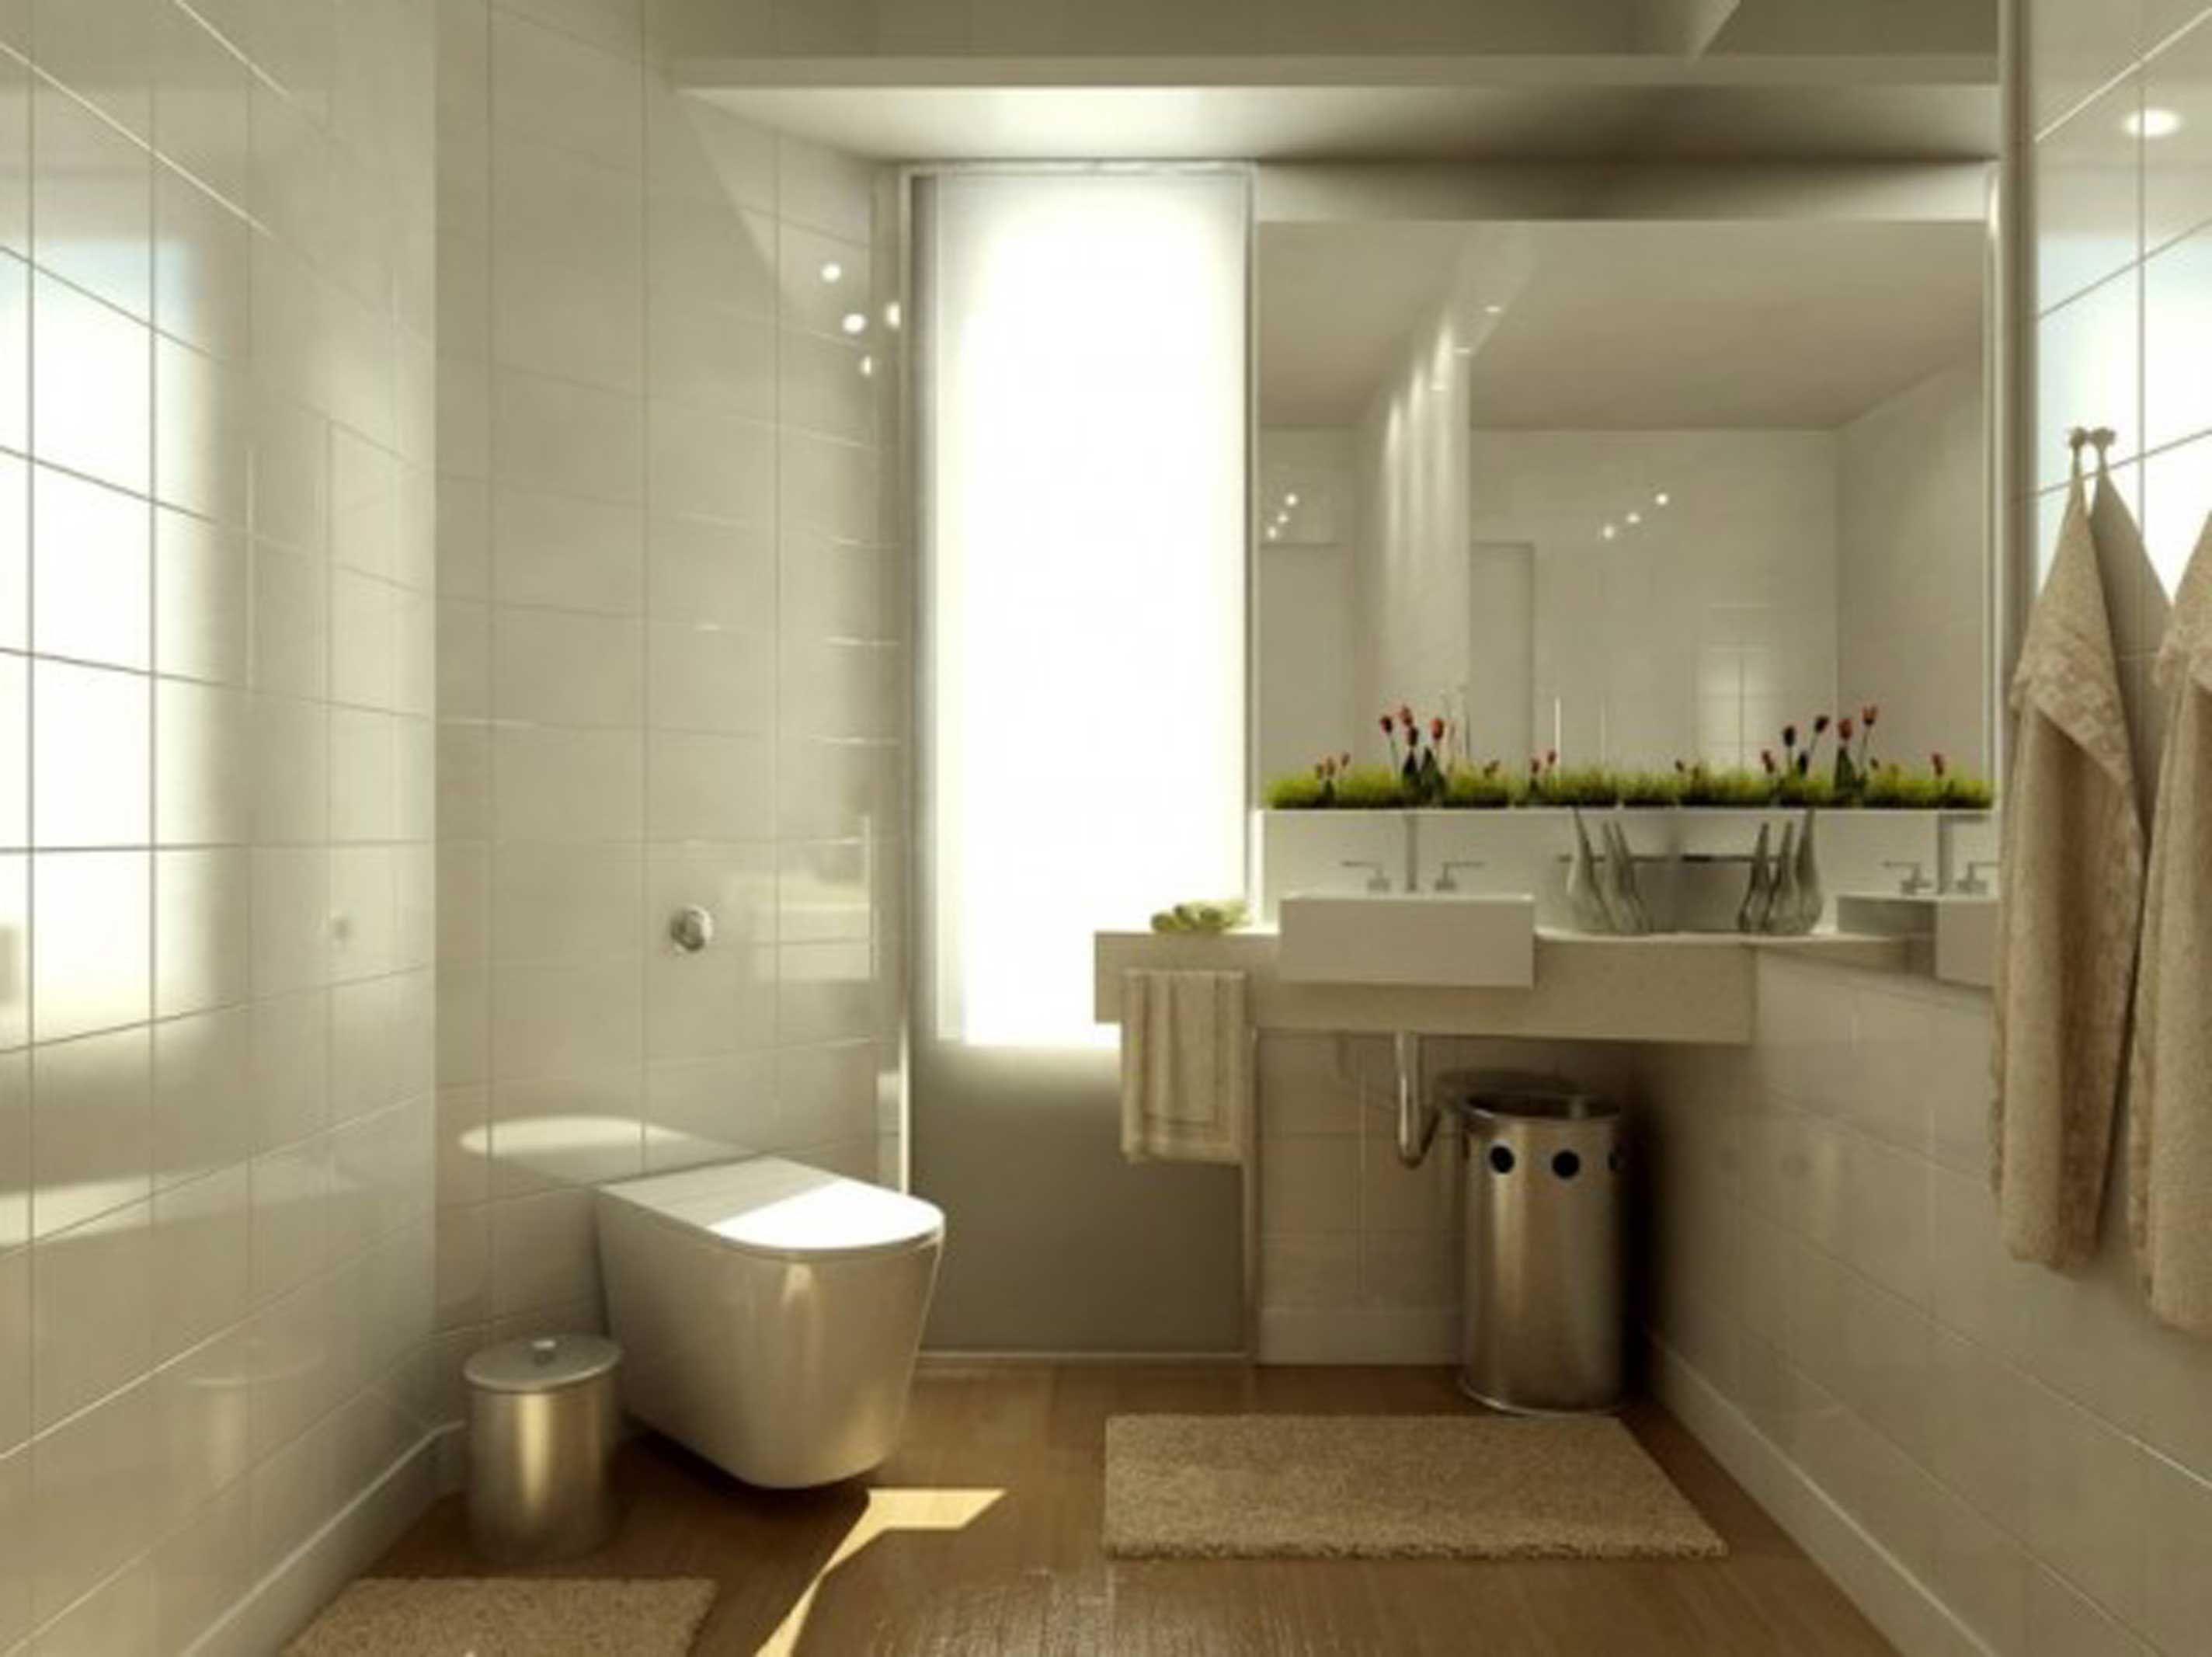 Badkamer inspiratie wastafel toilet hangend tegels sfeer